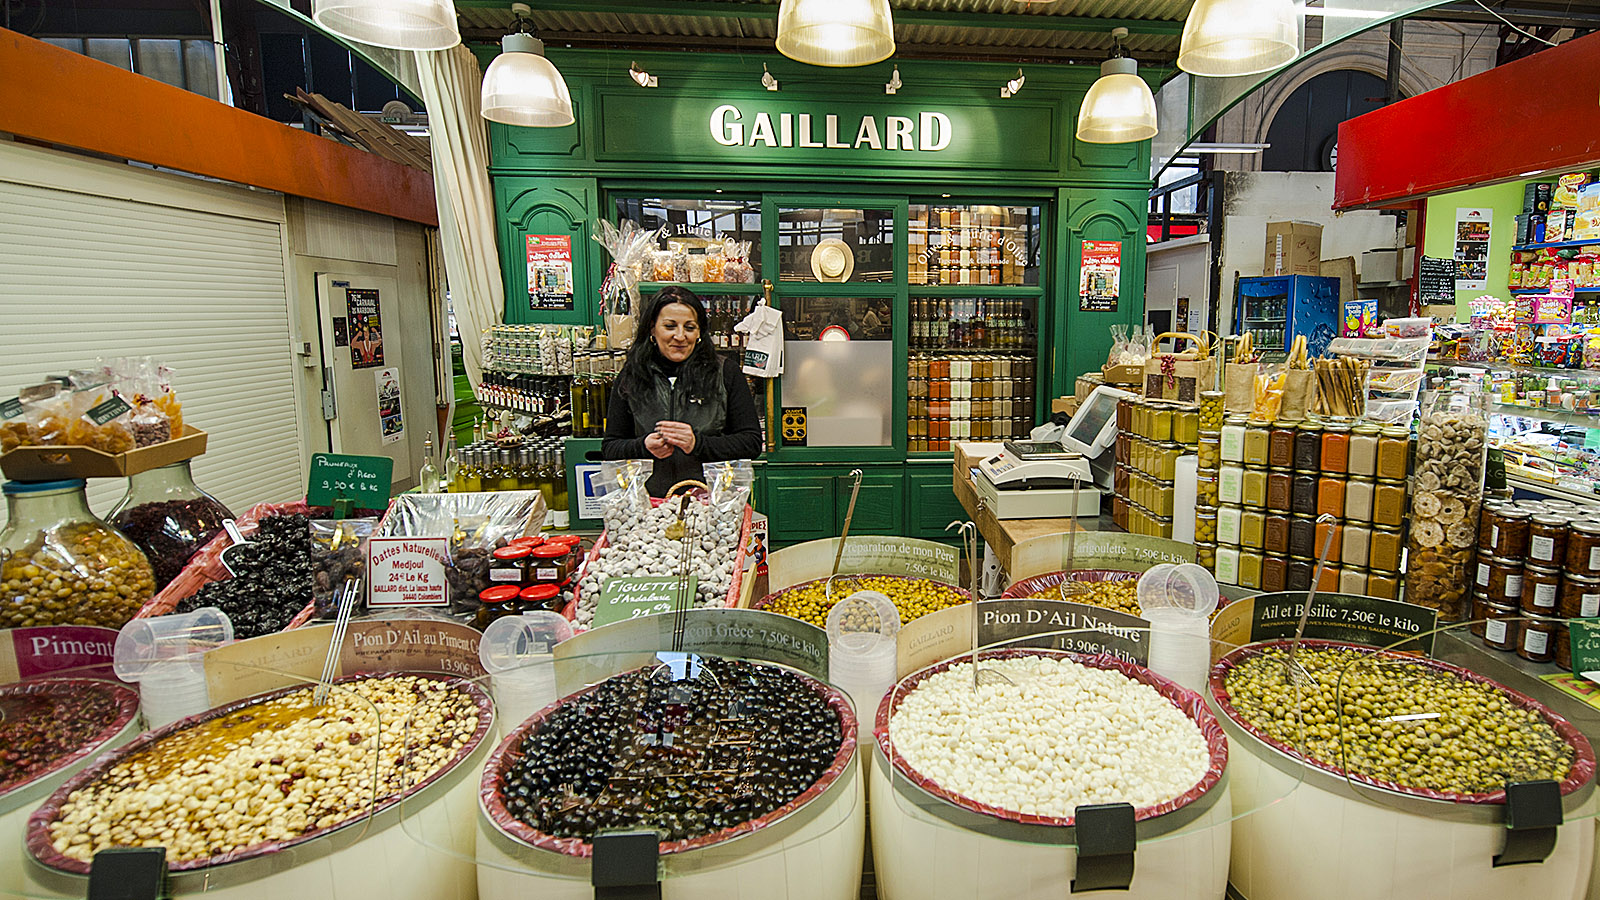 Narbonne: Olivenparadies - der Stand von Gaillard in der Markthalle. Foto: Hilke Maunder